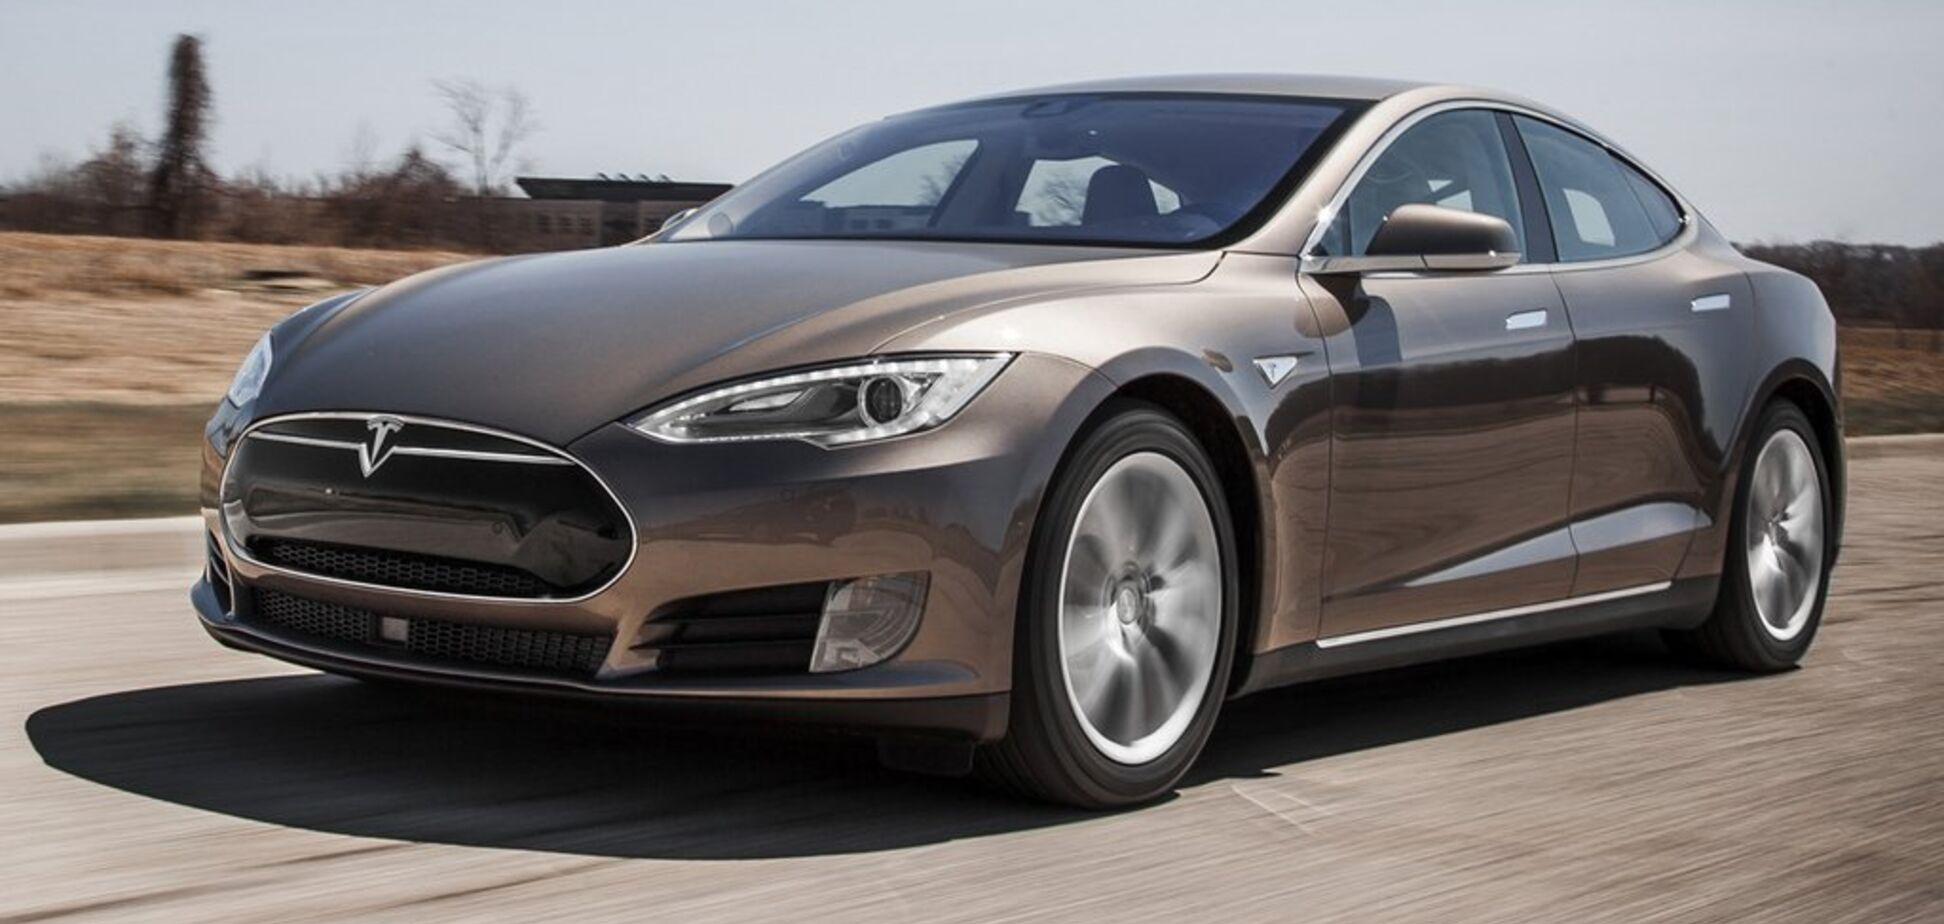 Електромобіль Tesla потрапив до Книги рекордів Гіннеса